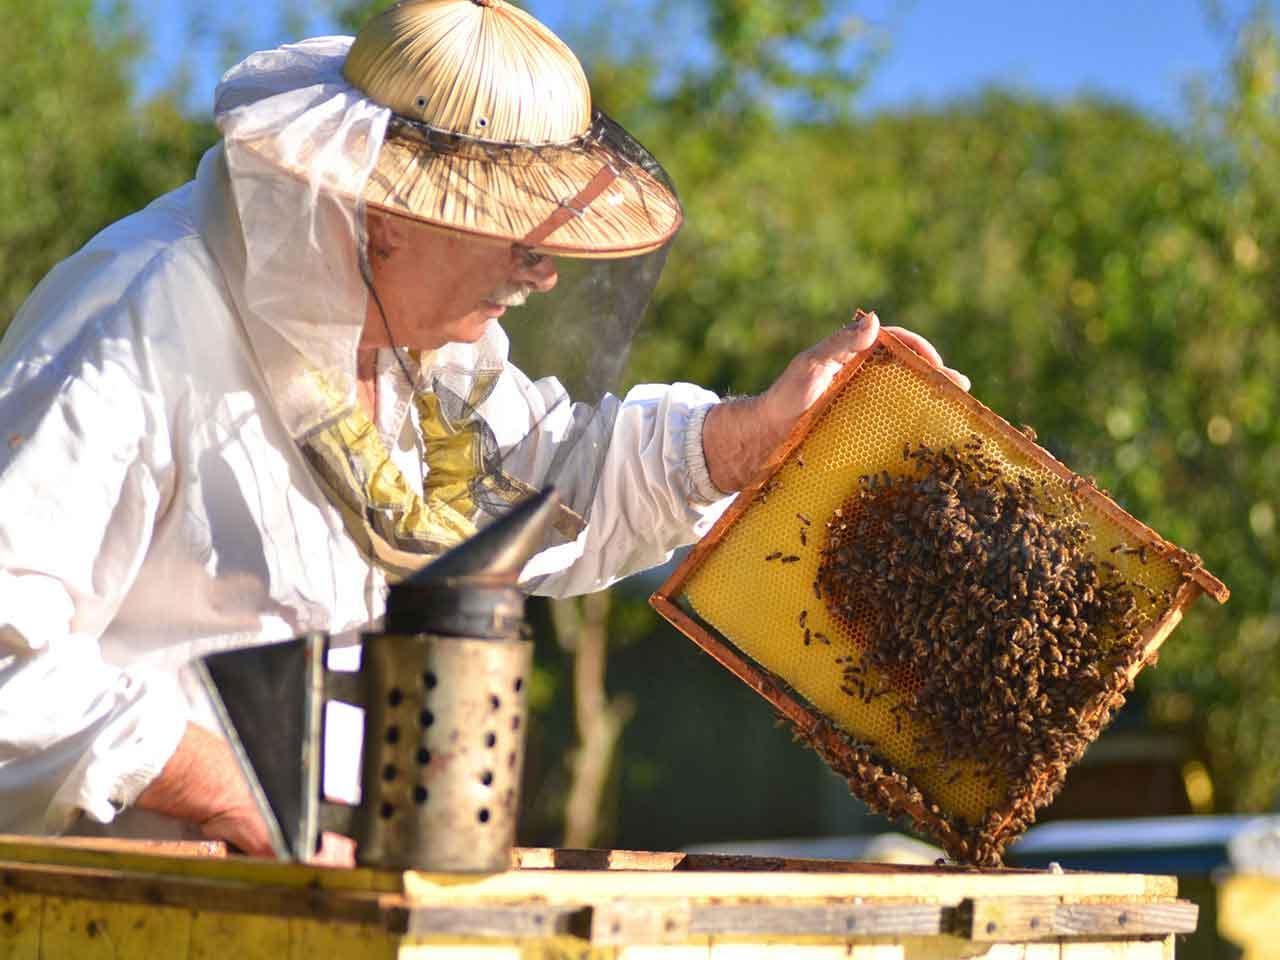 صورة تربية النحل , طرق تربية النحل الصحيحه